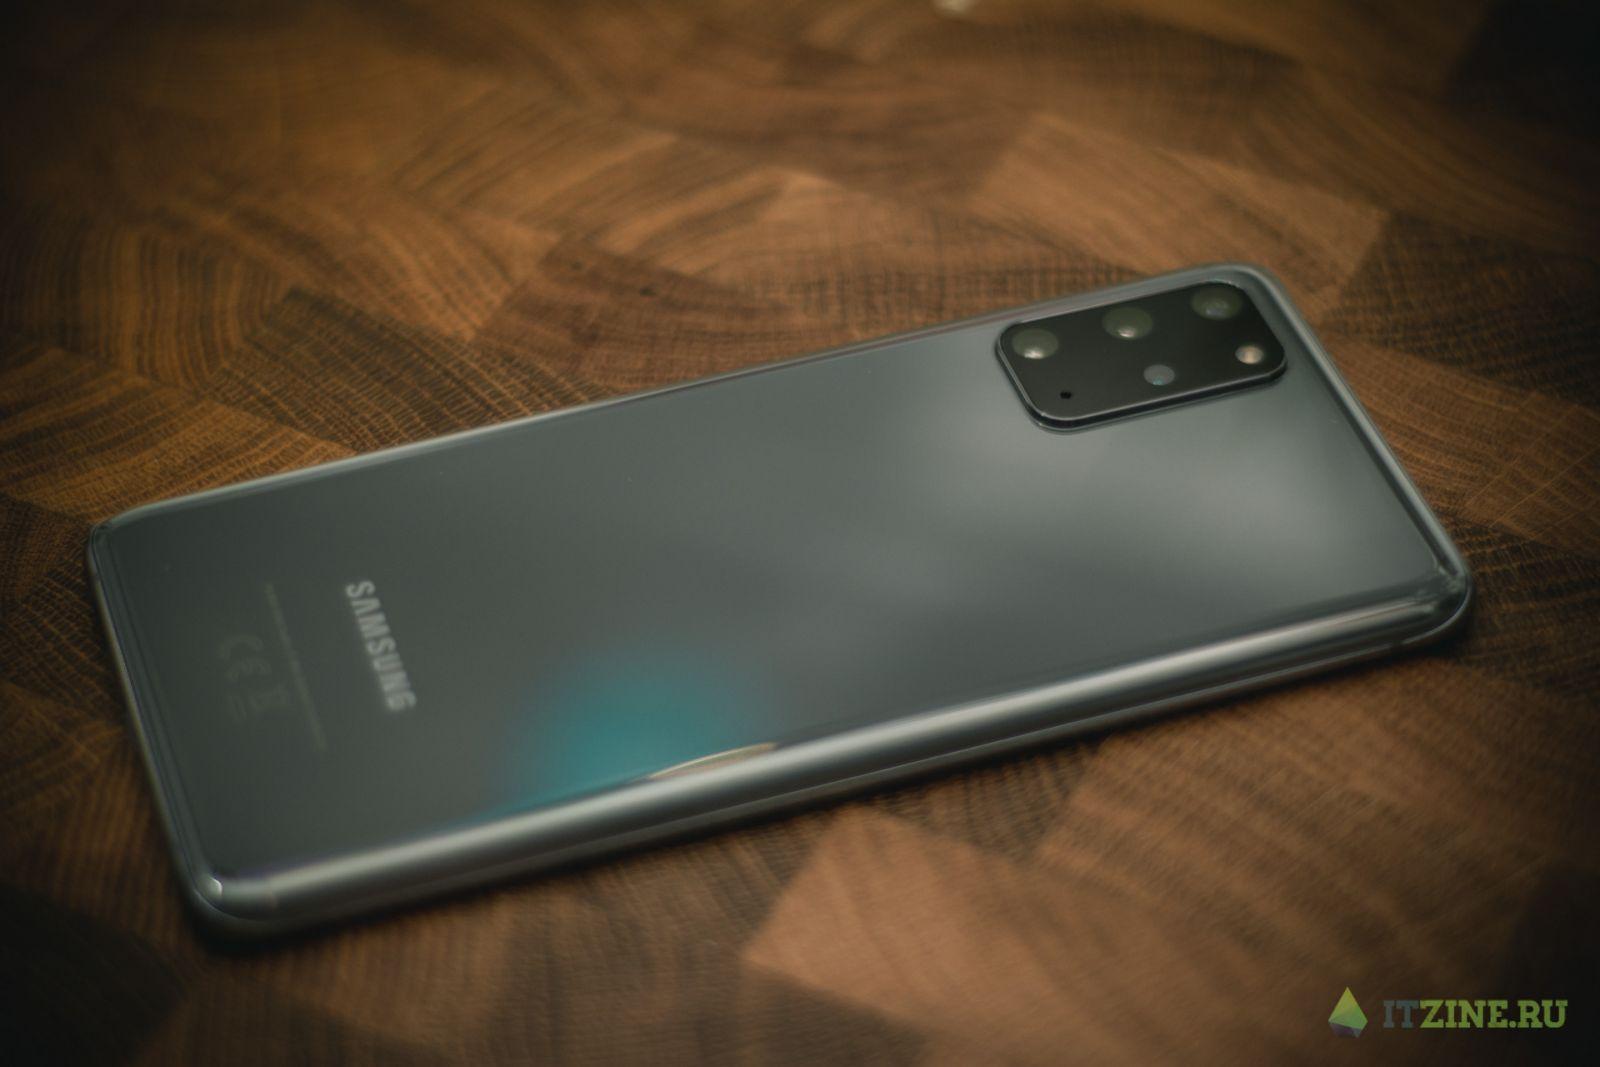 Премиум без изъянов. Обзор смартфона Samsung Galaxy S20+ (dsc 8632 1)